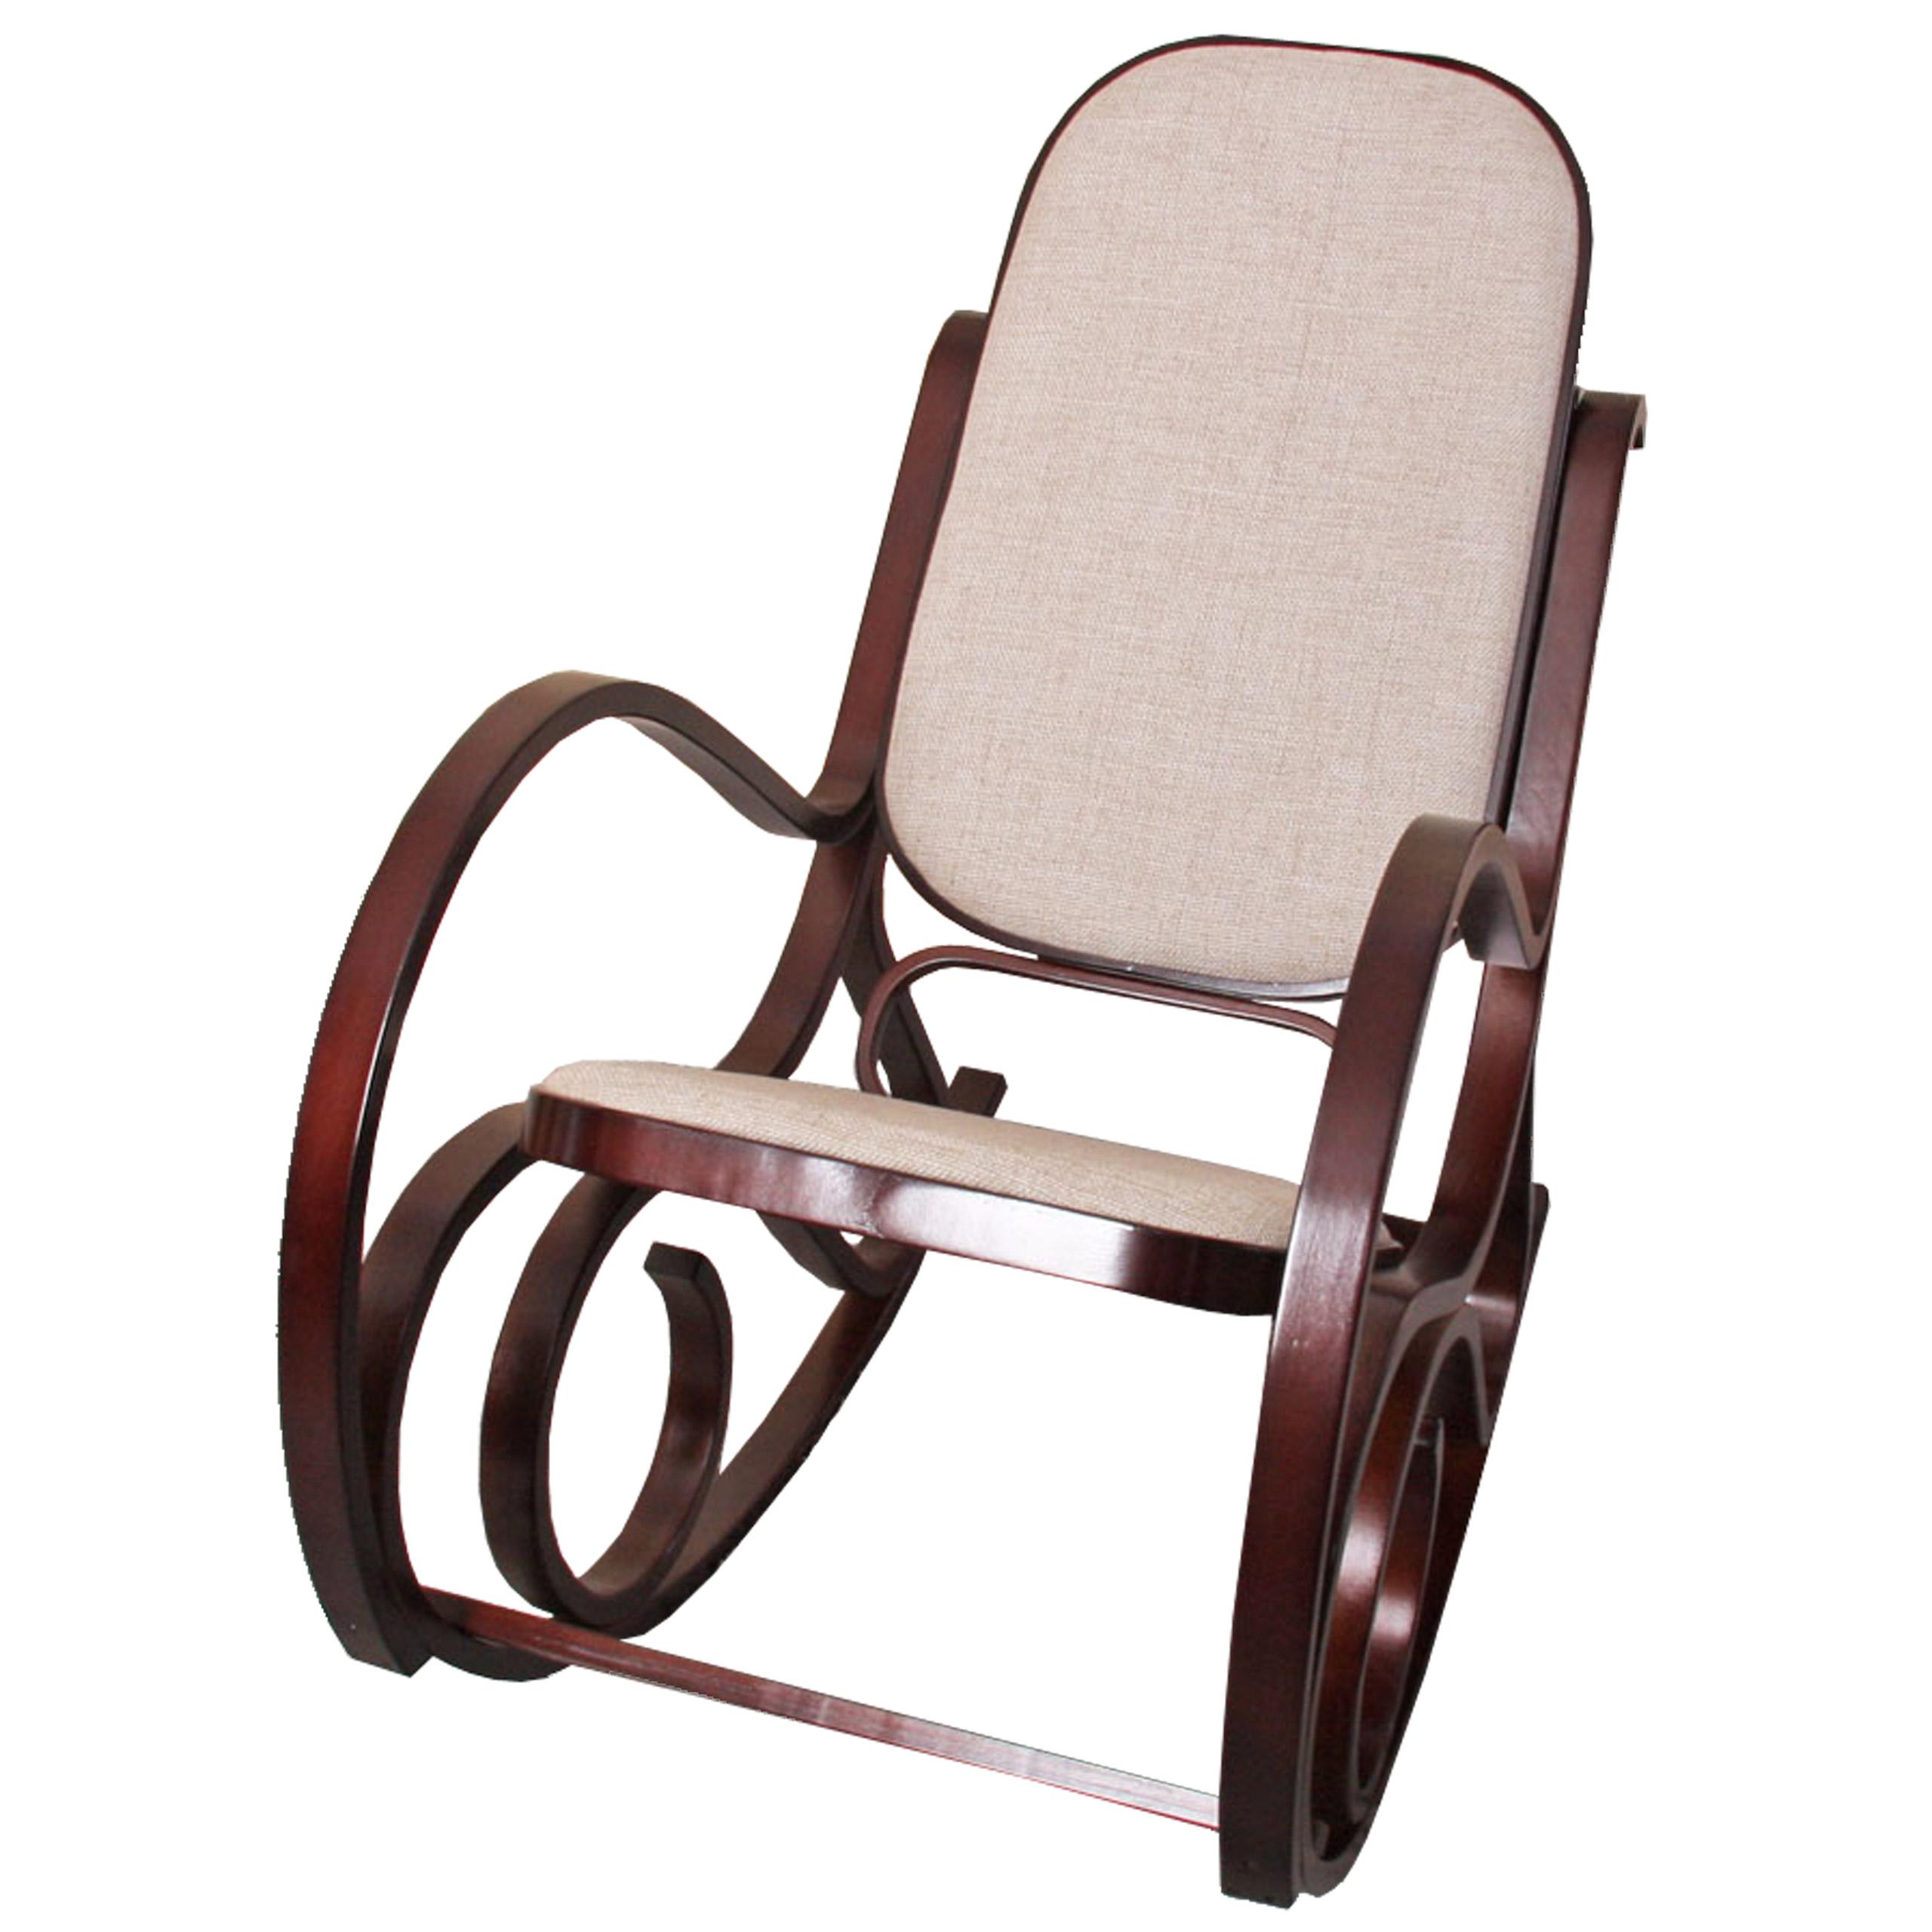 Schwingsessel schaukelstuhl m41 aus holz walnuss stoff for Rocking chair schaukelstuhl